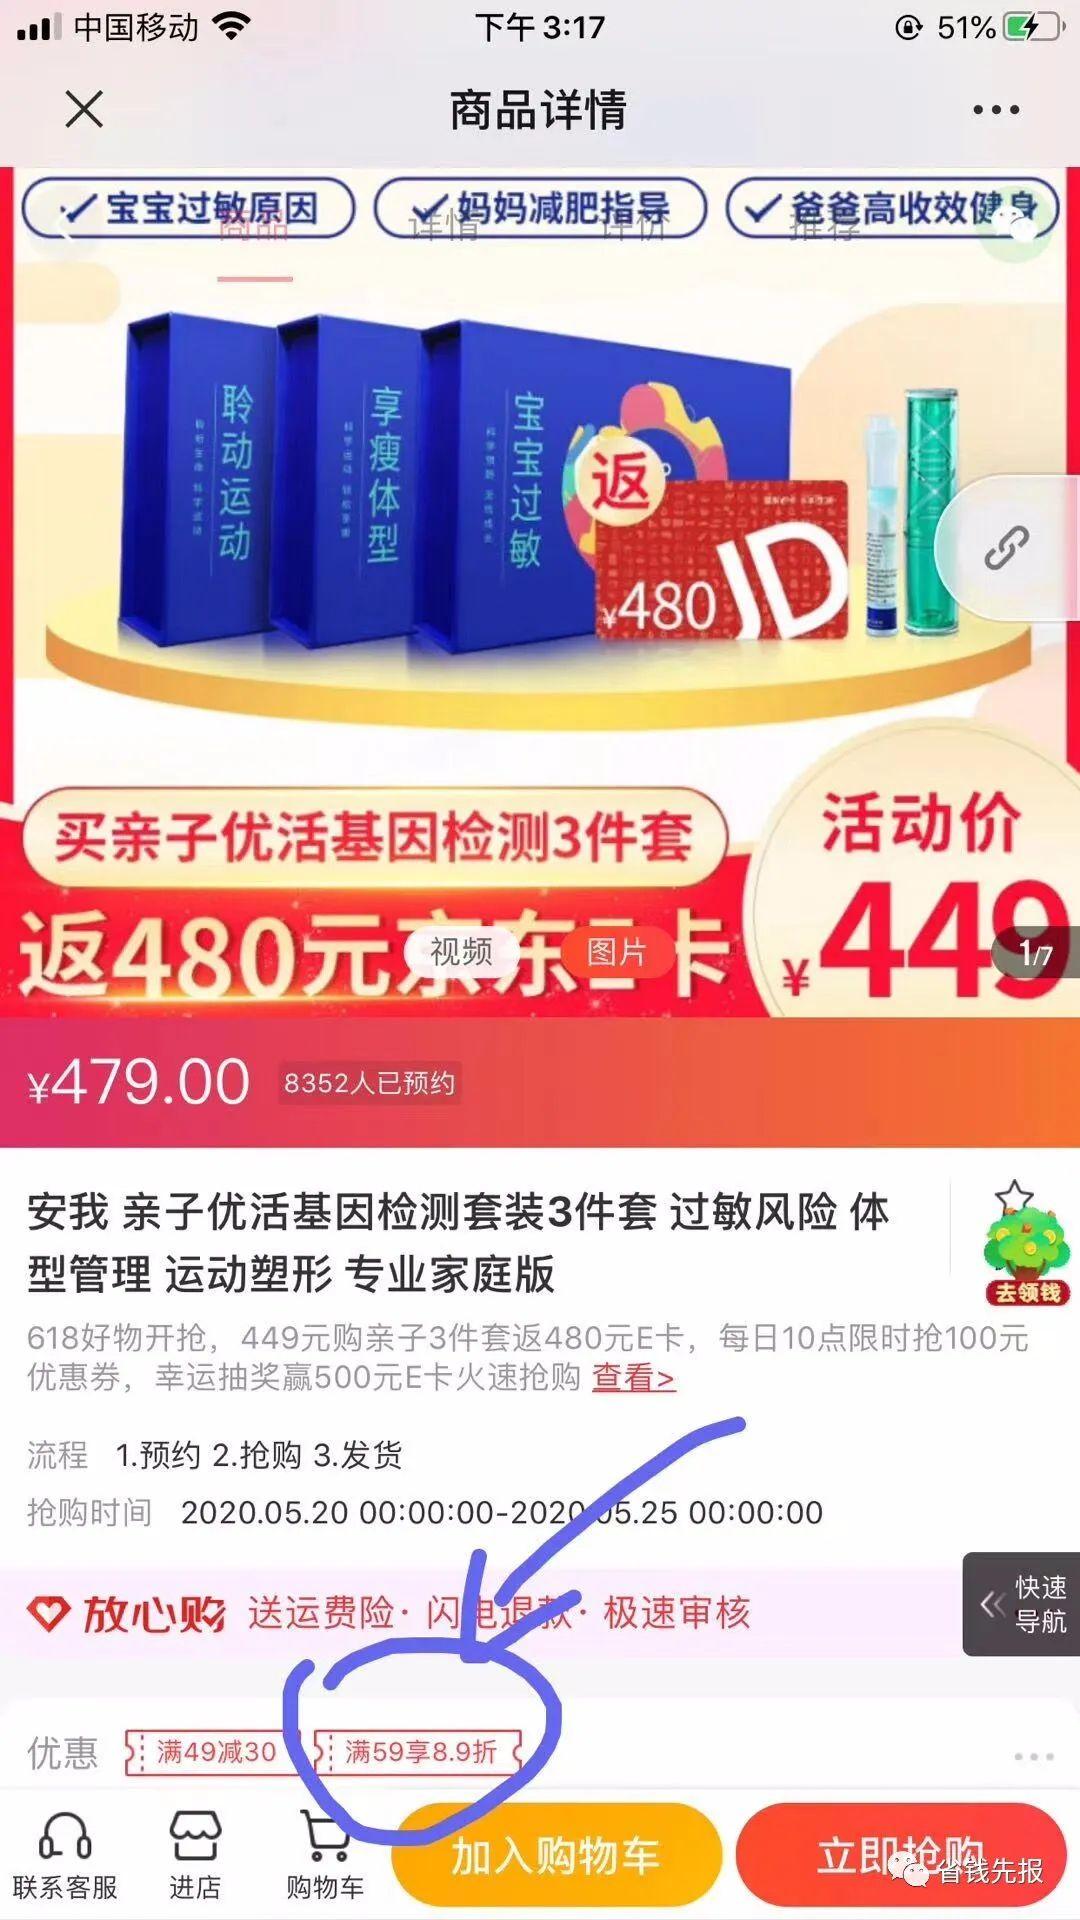 京东天猫旗舰店官方免单活动0元购电子书阅读器+50元京东E卡!